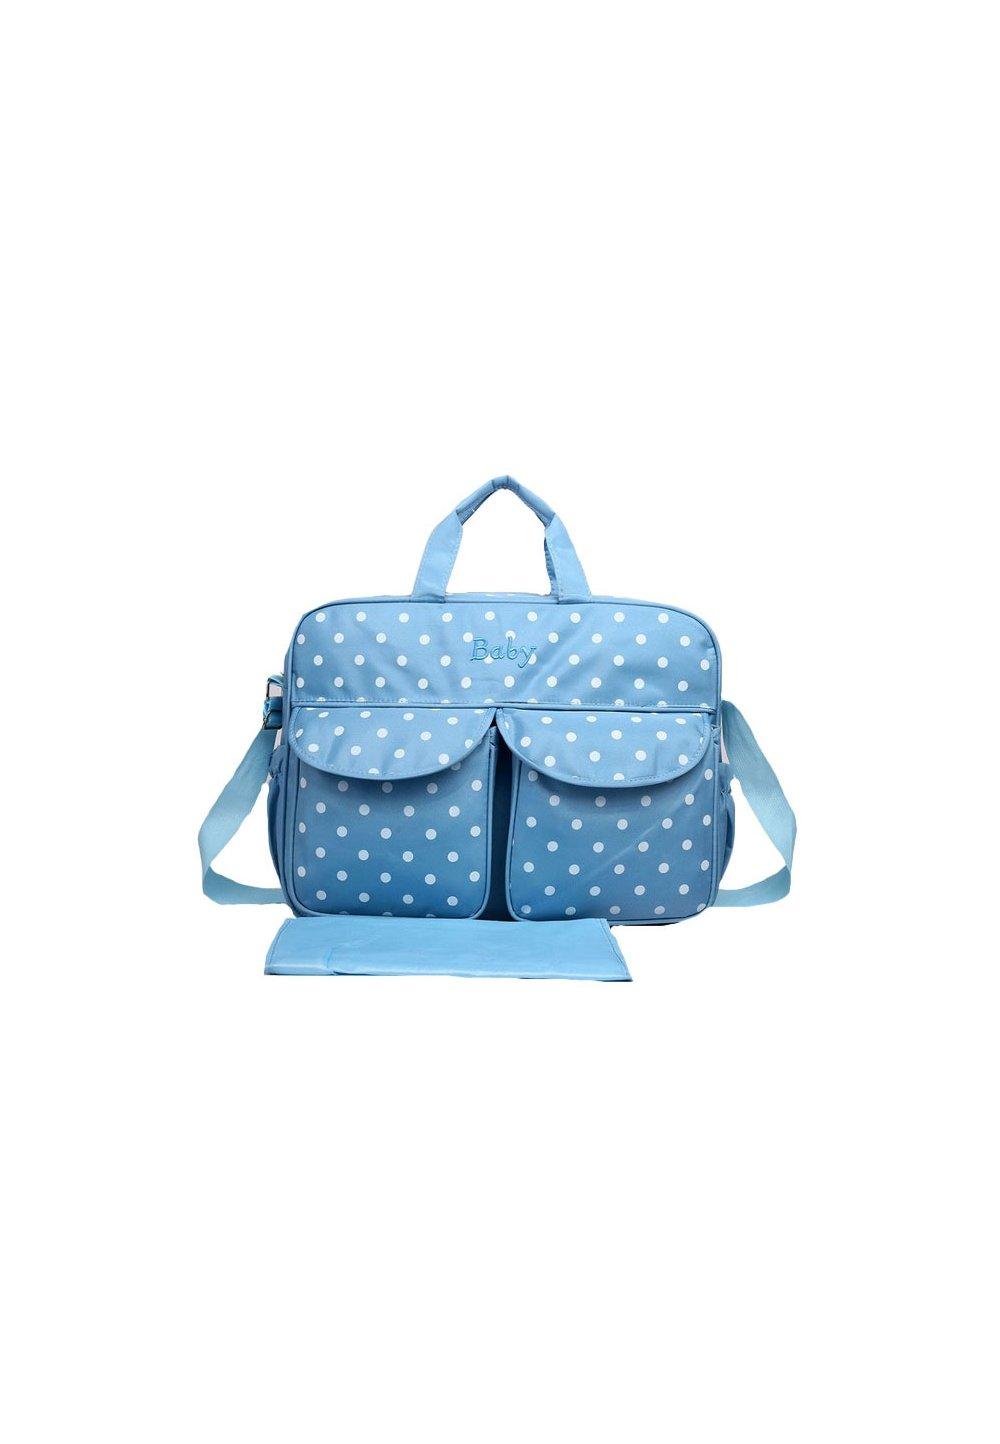 Geanta mamici, Baby, albastra cu buline imagine